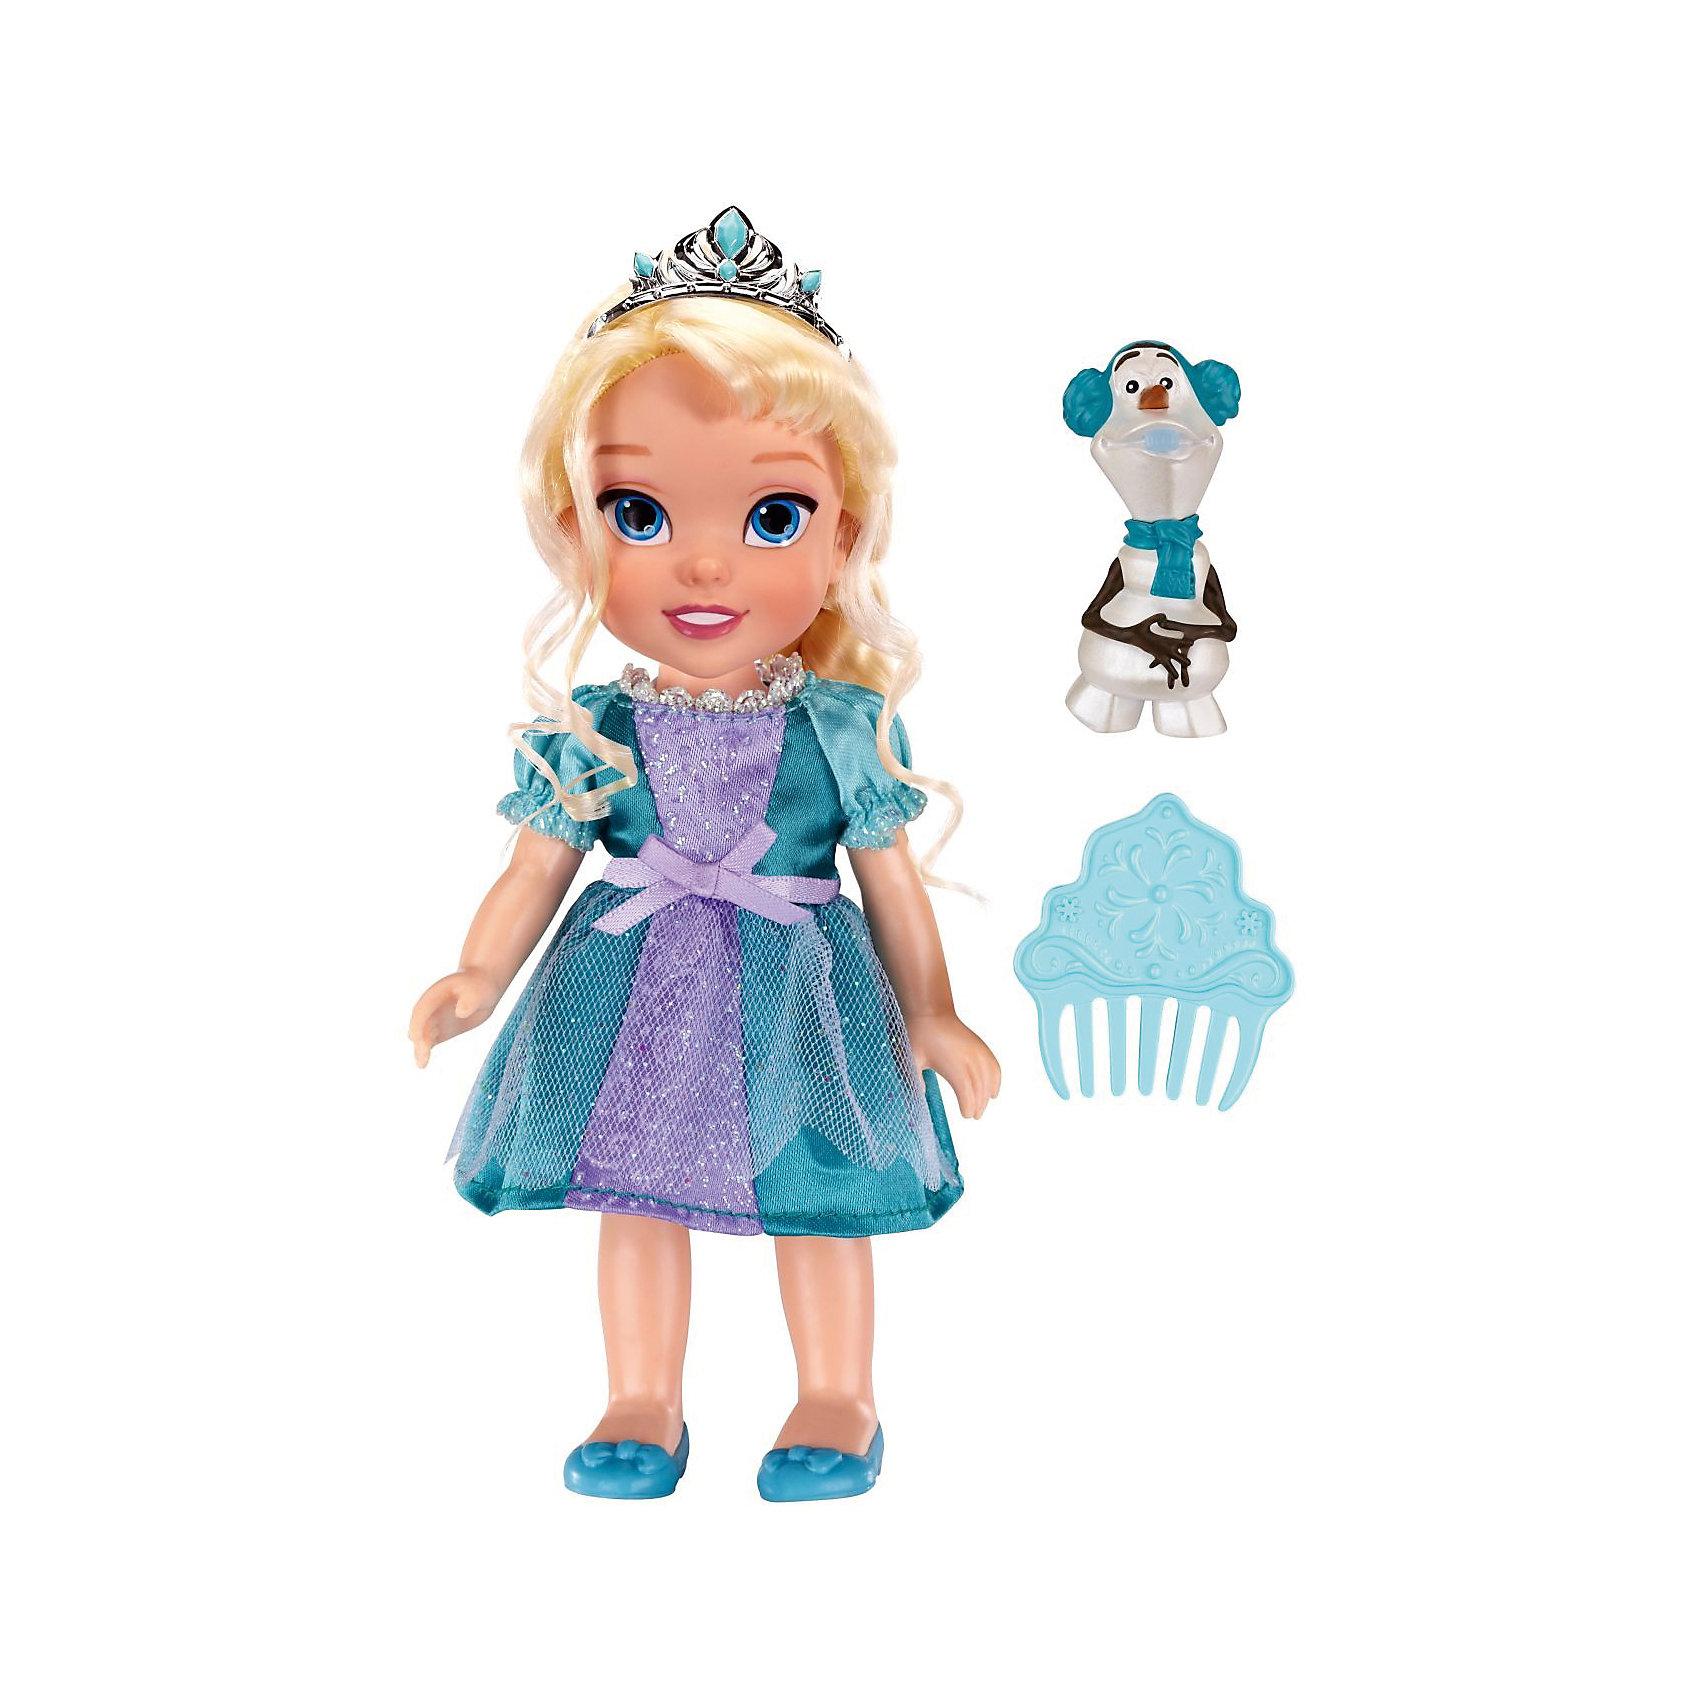 Кукла-малышка Холодное Сердце со снеговиком - Эльза, 15 смПринцессы Дисней<br>Характеристики товара:<br><br>• высота : 15 см<br>• размер упаковки: 14х7х20 см<br>• материал: пластик<br>• отличная детализация<br>• возраст: от трех лет<br>• комплектация: кукла, снеговик, гребень<br>• волосы куклы можно расчесывать<br><br>Игрушка в виде любимого героя - желанный подарок для малыша! Такая кукла сделана в виде маленькой принцессы из мультфильма Холодное сердце - а их современные девочки просто обожают. Кукла очень качественно выполнена, благодаря наличию в наборе её друга - снеговика Олафа - с ней можно придумать множество игр!<br>Игра с куклами помогает девочкам развивать важные социальные навыки и способности, она активизирует мышление, формирует умение заботиться о других, логику, мелкую моторику и воображение, помогает проработать сценарии взаимодействия с людьми. Изделие производится из качественных сертифицированных материалов, безопасных даже для самых маленьких.<br><br>Куклу Эльза с Олафом, 15 см, Холодное сердце, можно купить в нашем интернет-магазине.<br><br>Ширина мм: 140<br>Глубина мм: 195<br>Высота мм: 65<br>Вес г: 215<br>Возраст от месяцев: 36<br>Возраст до месяцев: 2147483647<br>Пол: Женский<br>Возраст: Детский<br>SKU: 5227285